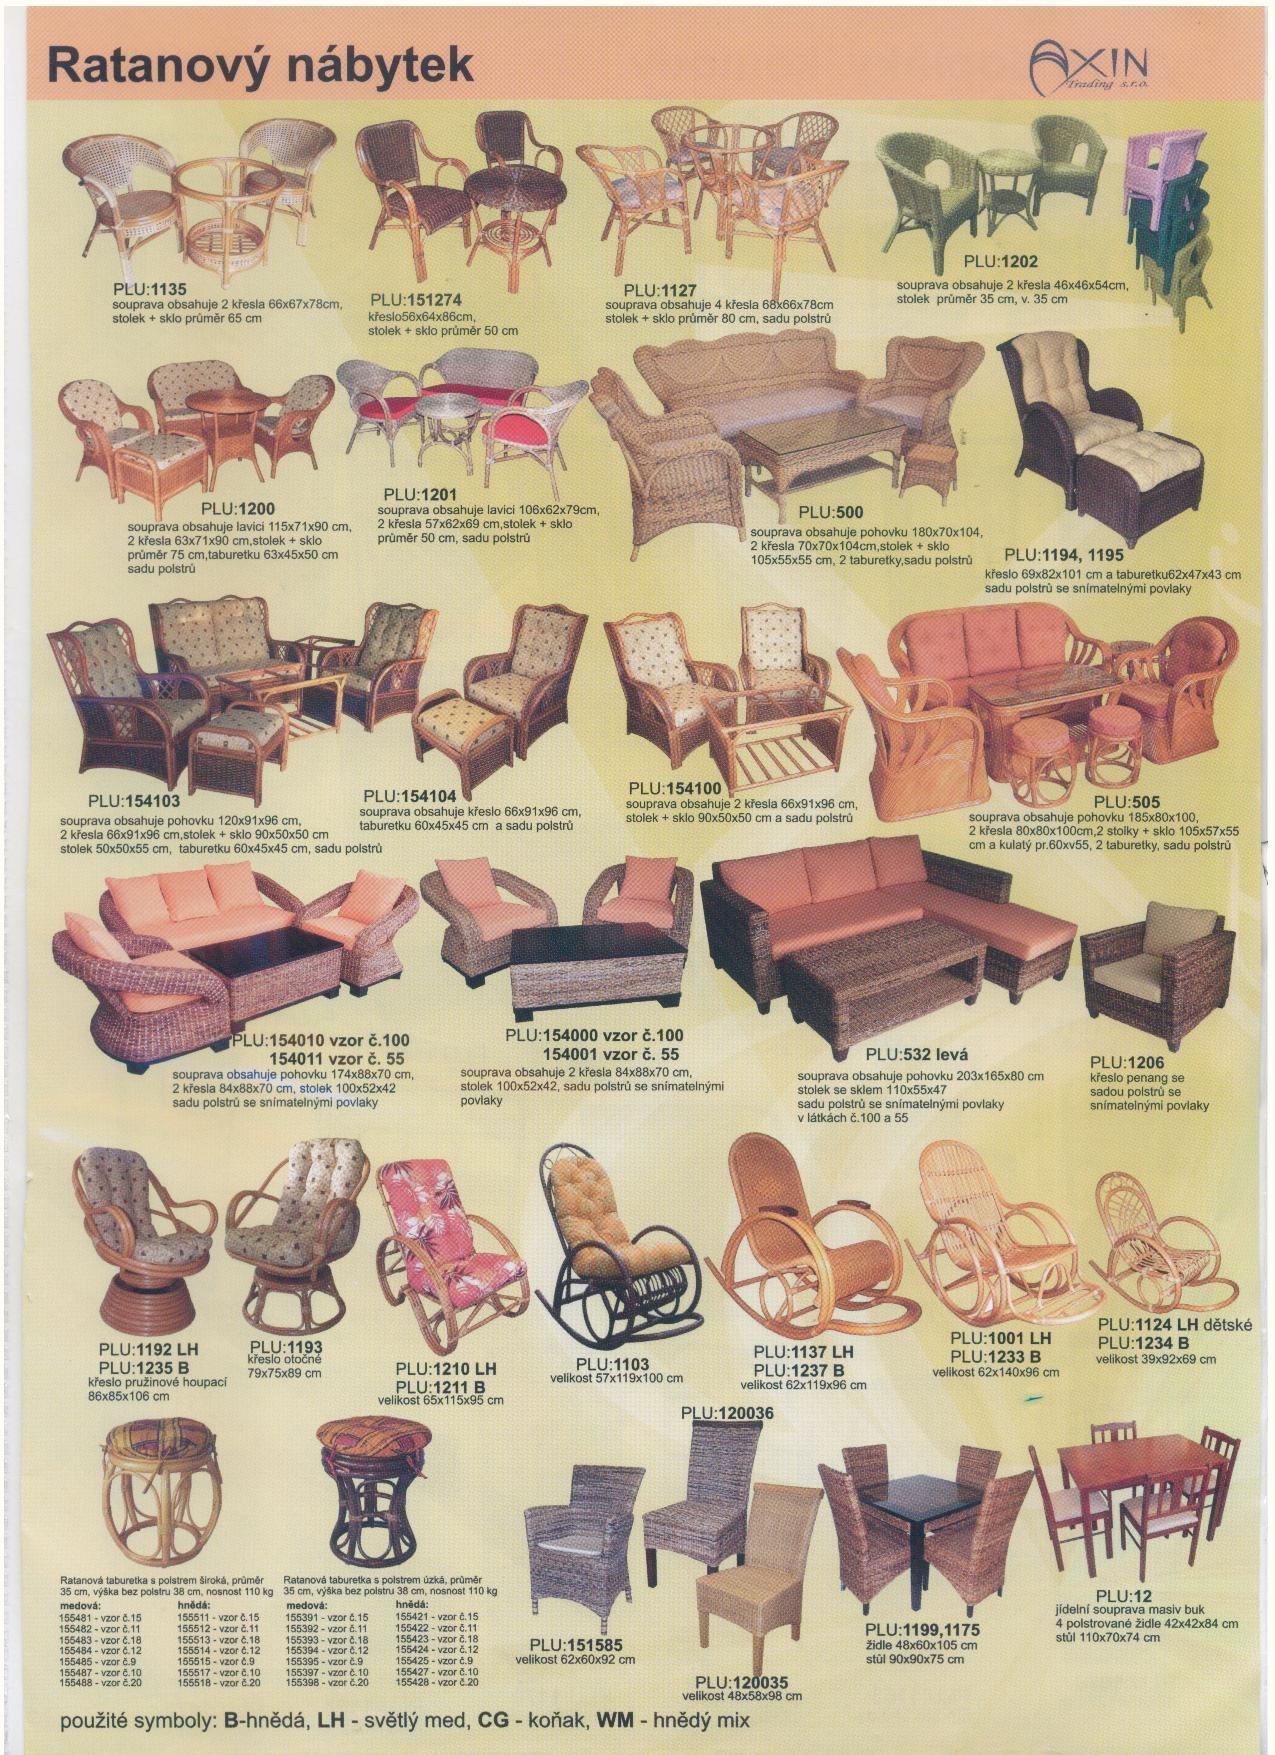 Ratanový nábytek ryze ruční výroby